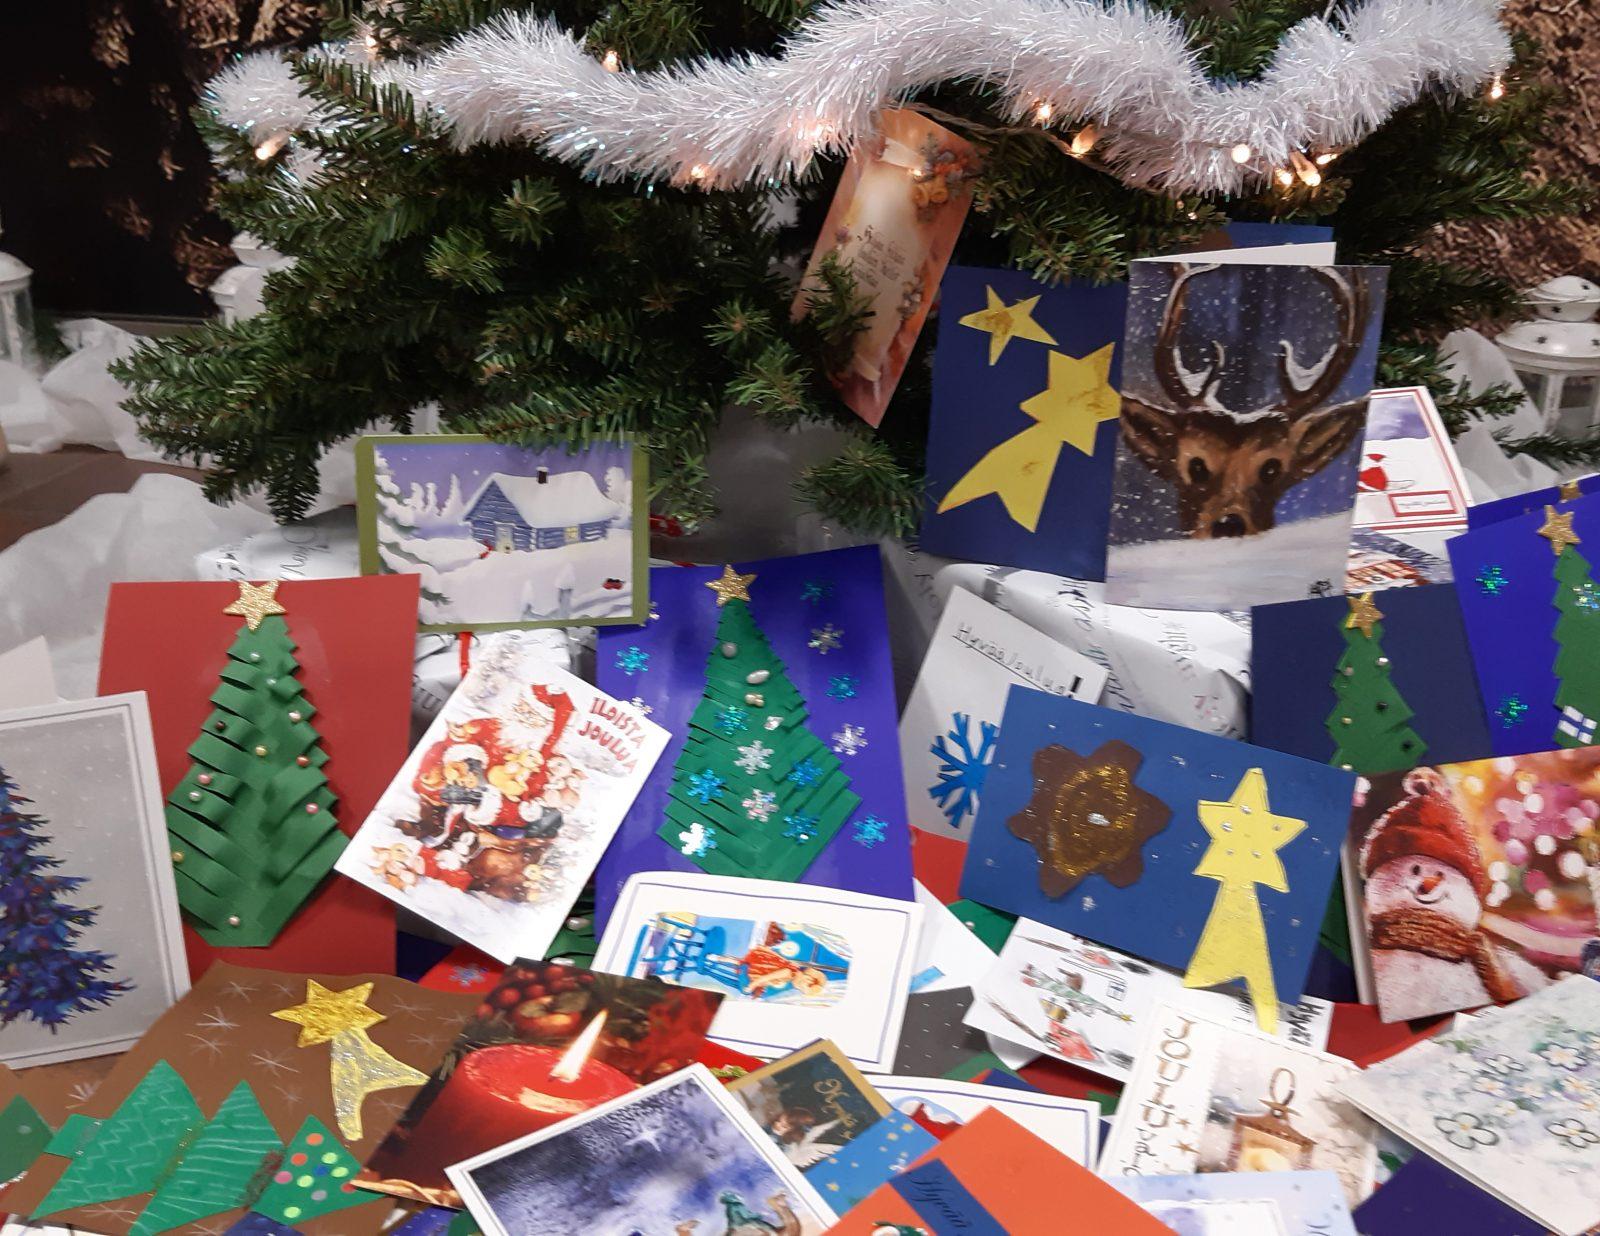 Hyvää joulua joulukortteja